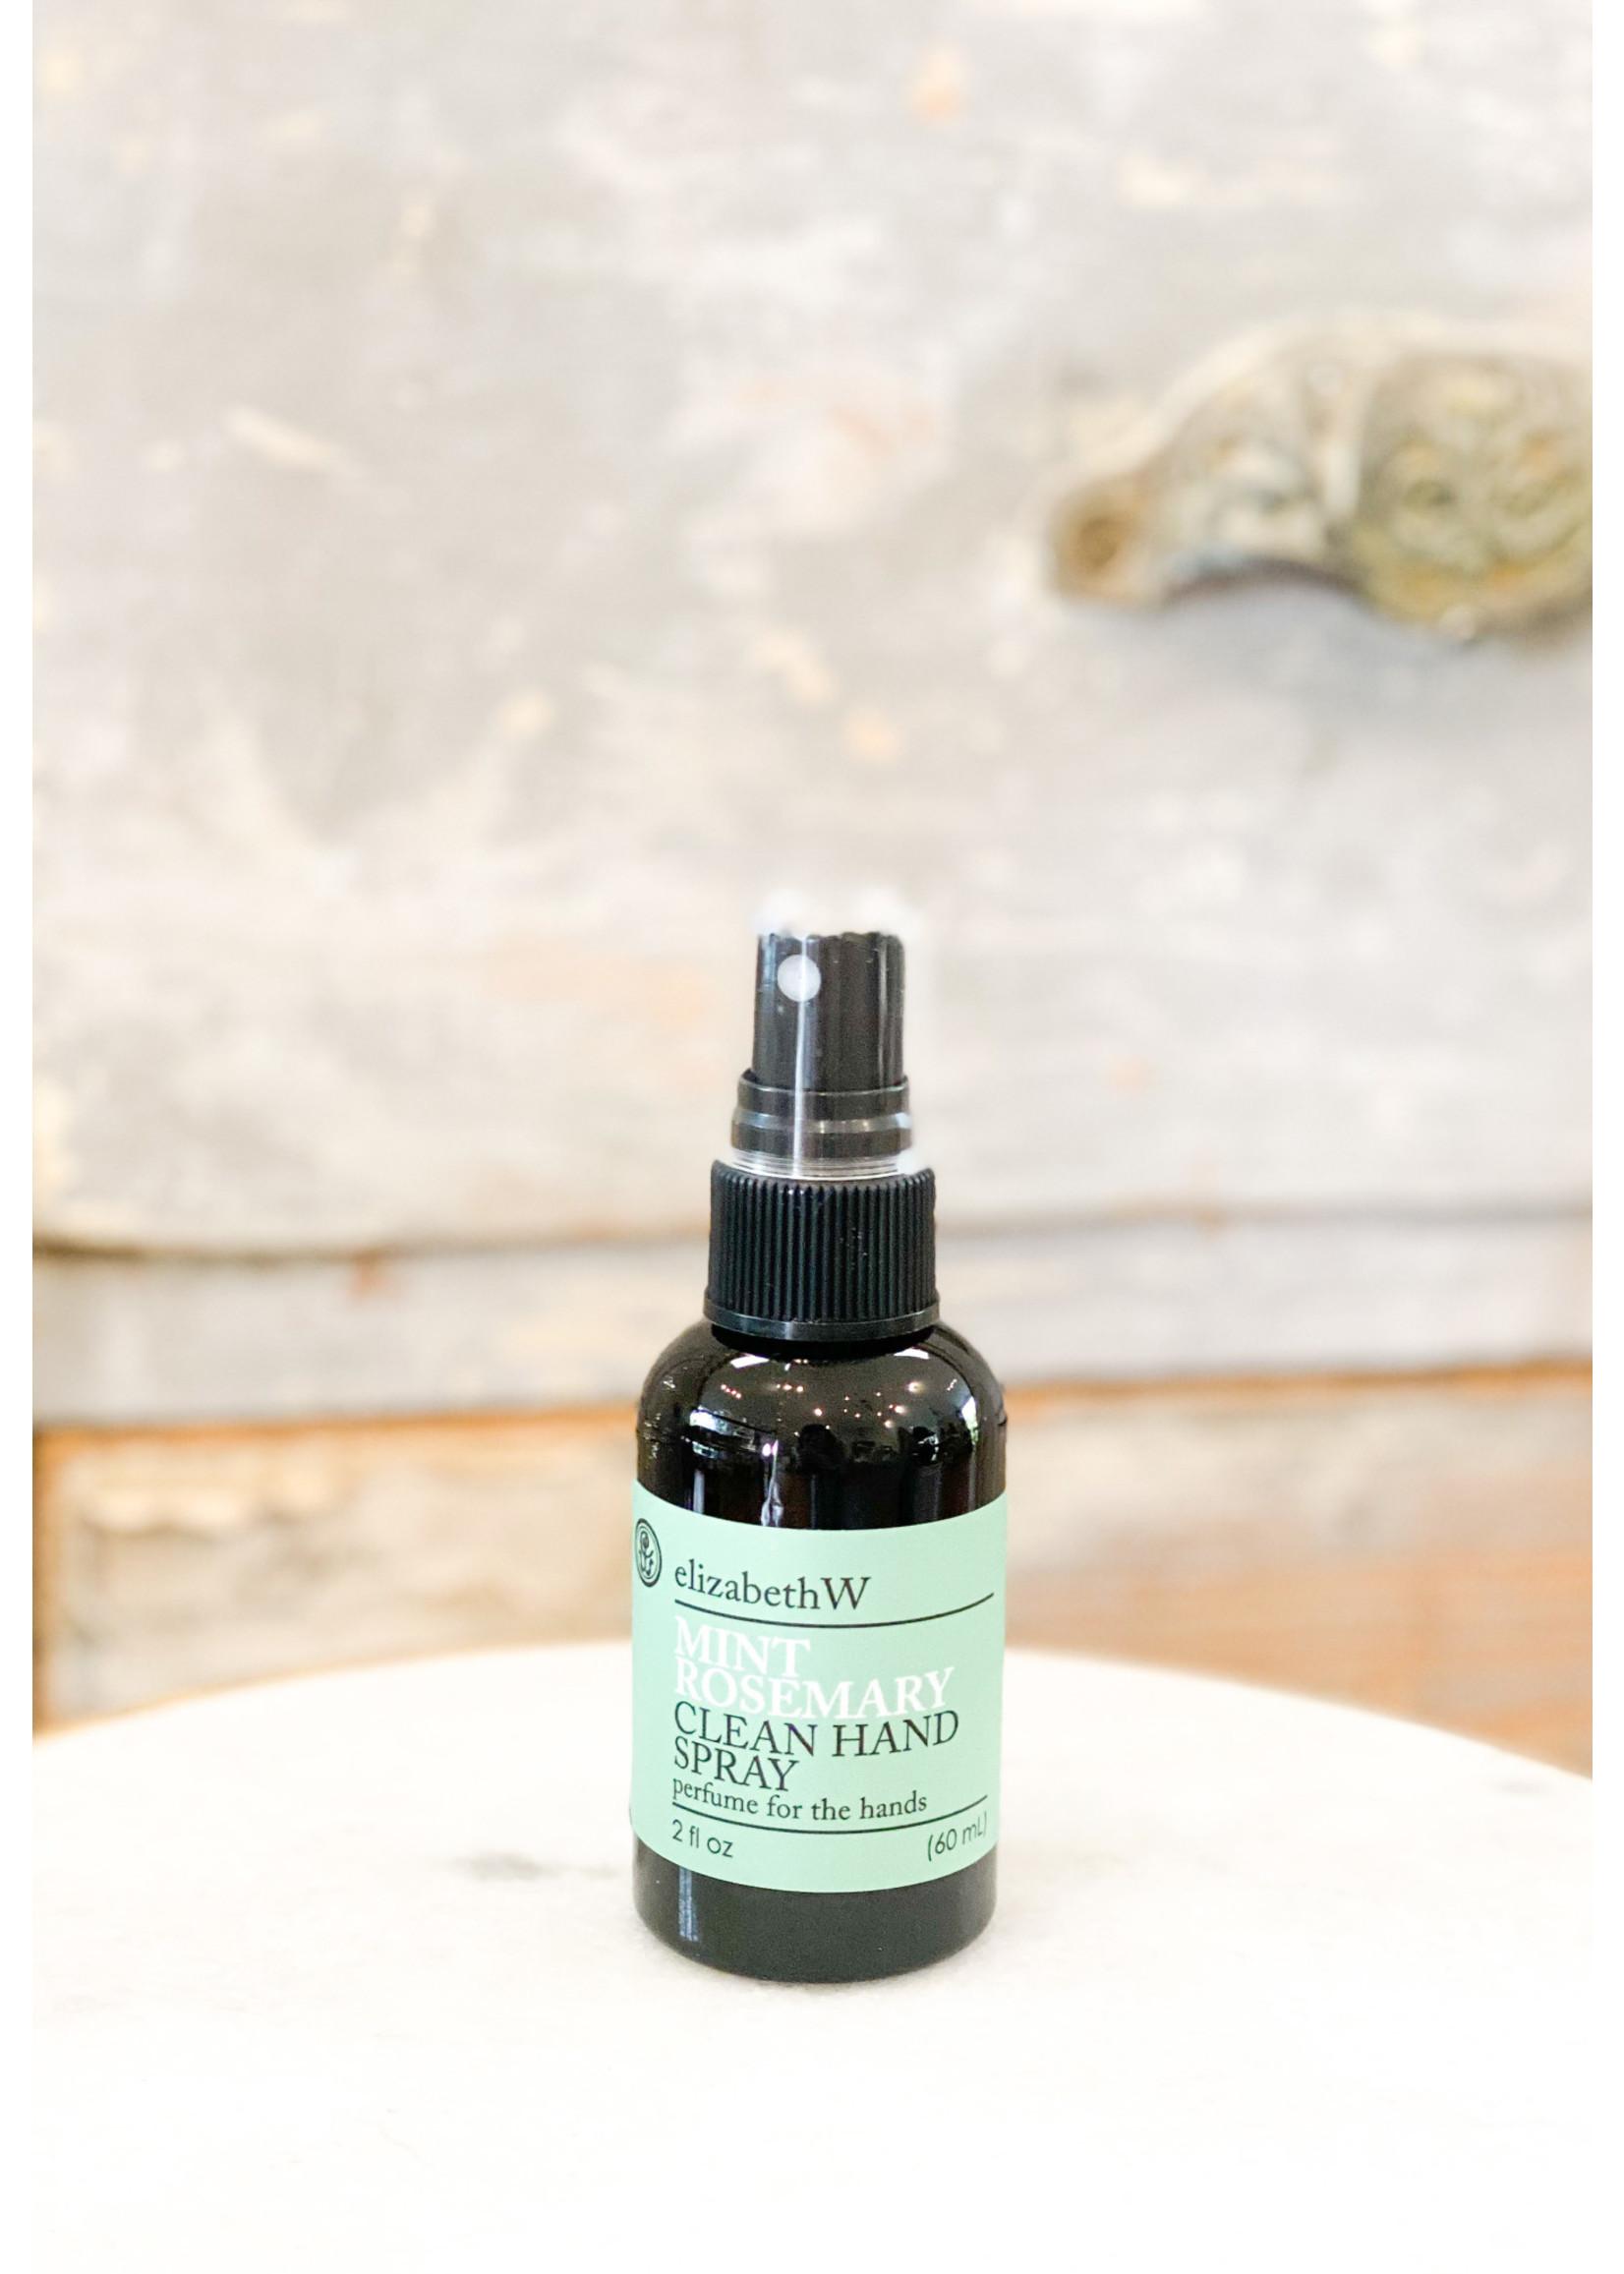 Elizabeth W Clean Hand Spray - Mint & Rosemary